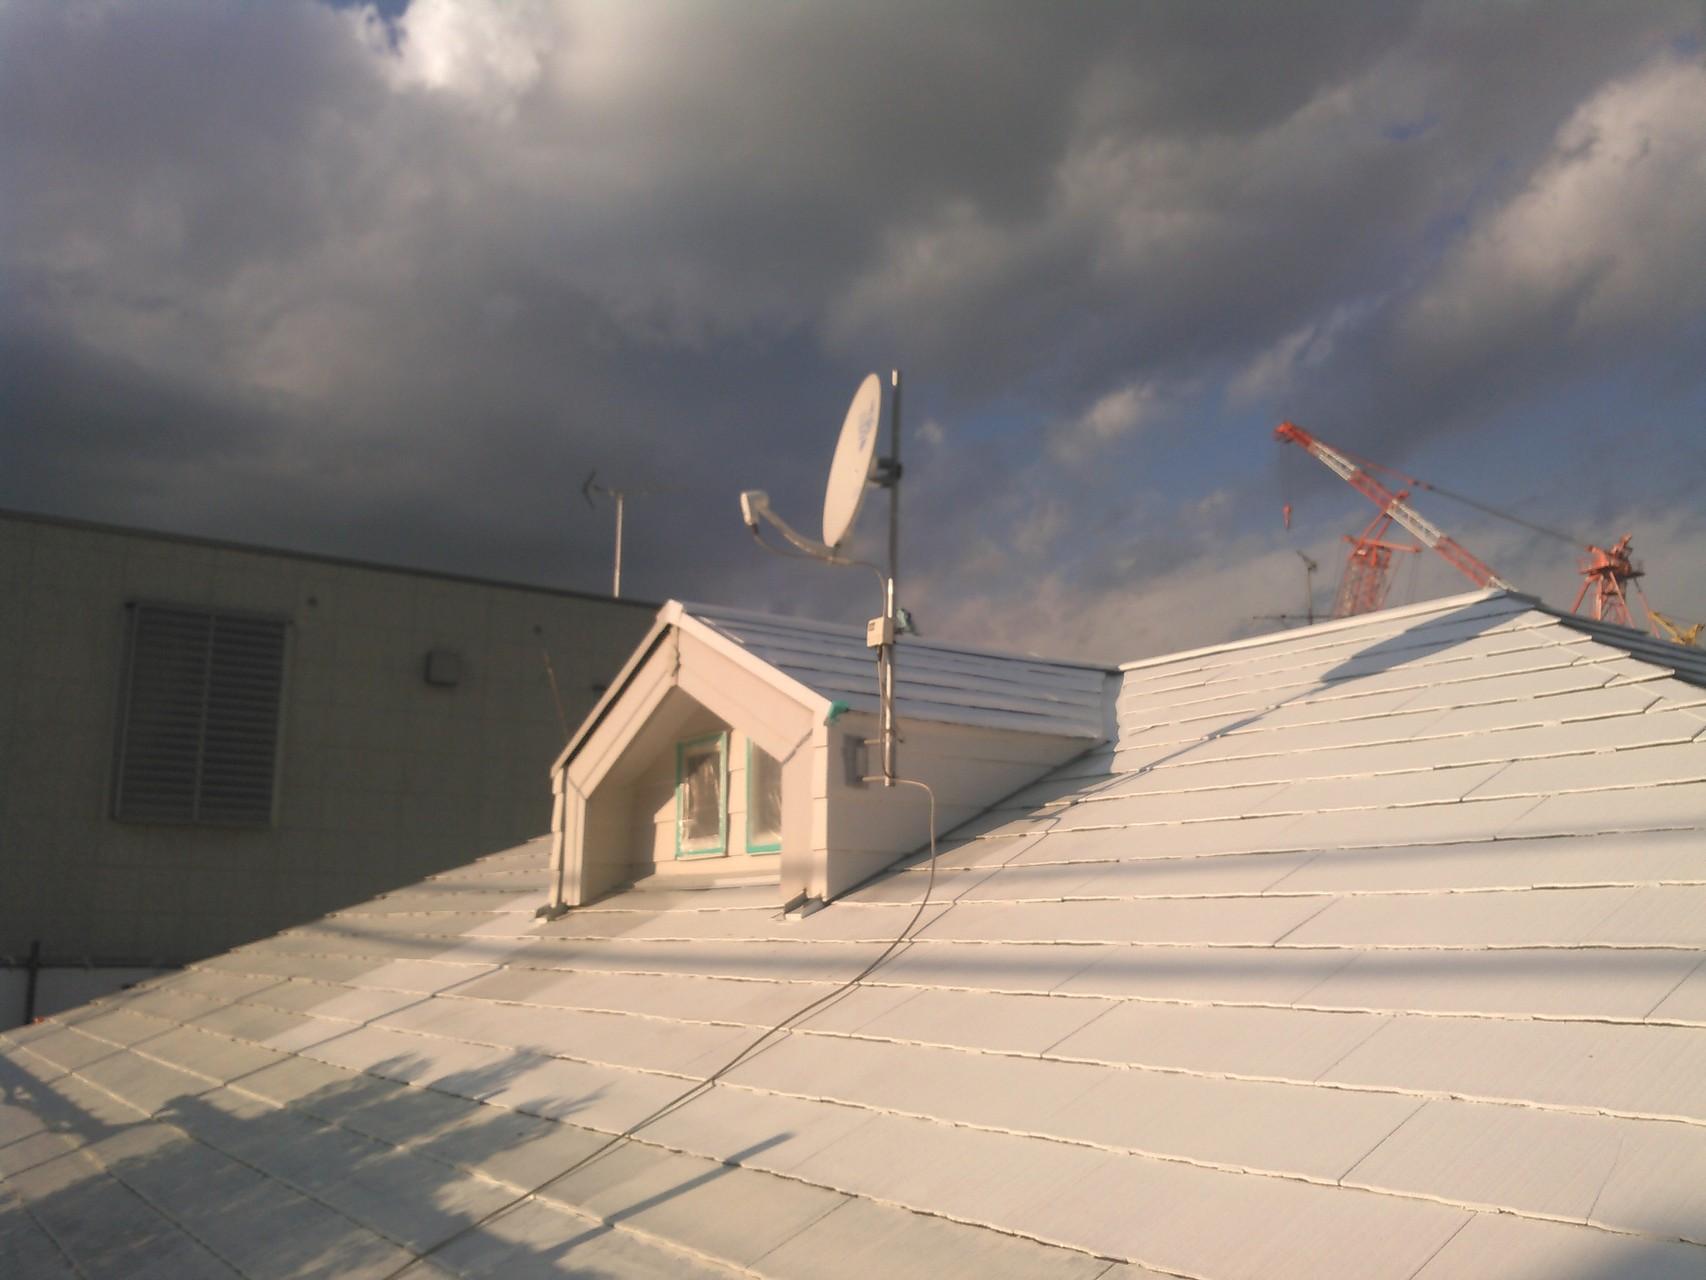 太陽光高反射エポキシ樹脂下塗り&ウレタン樹脂断熱塗装